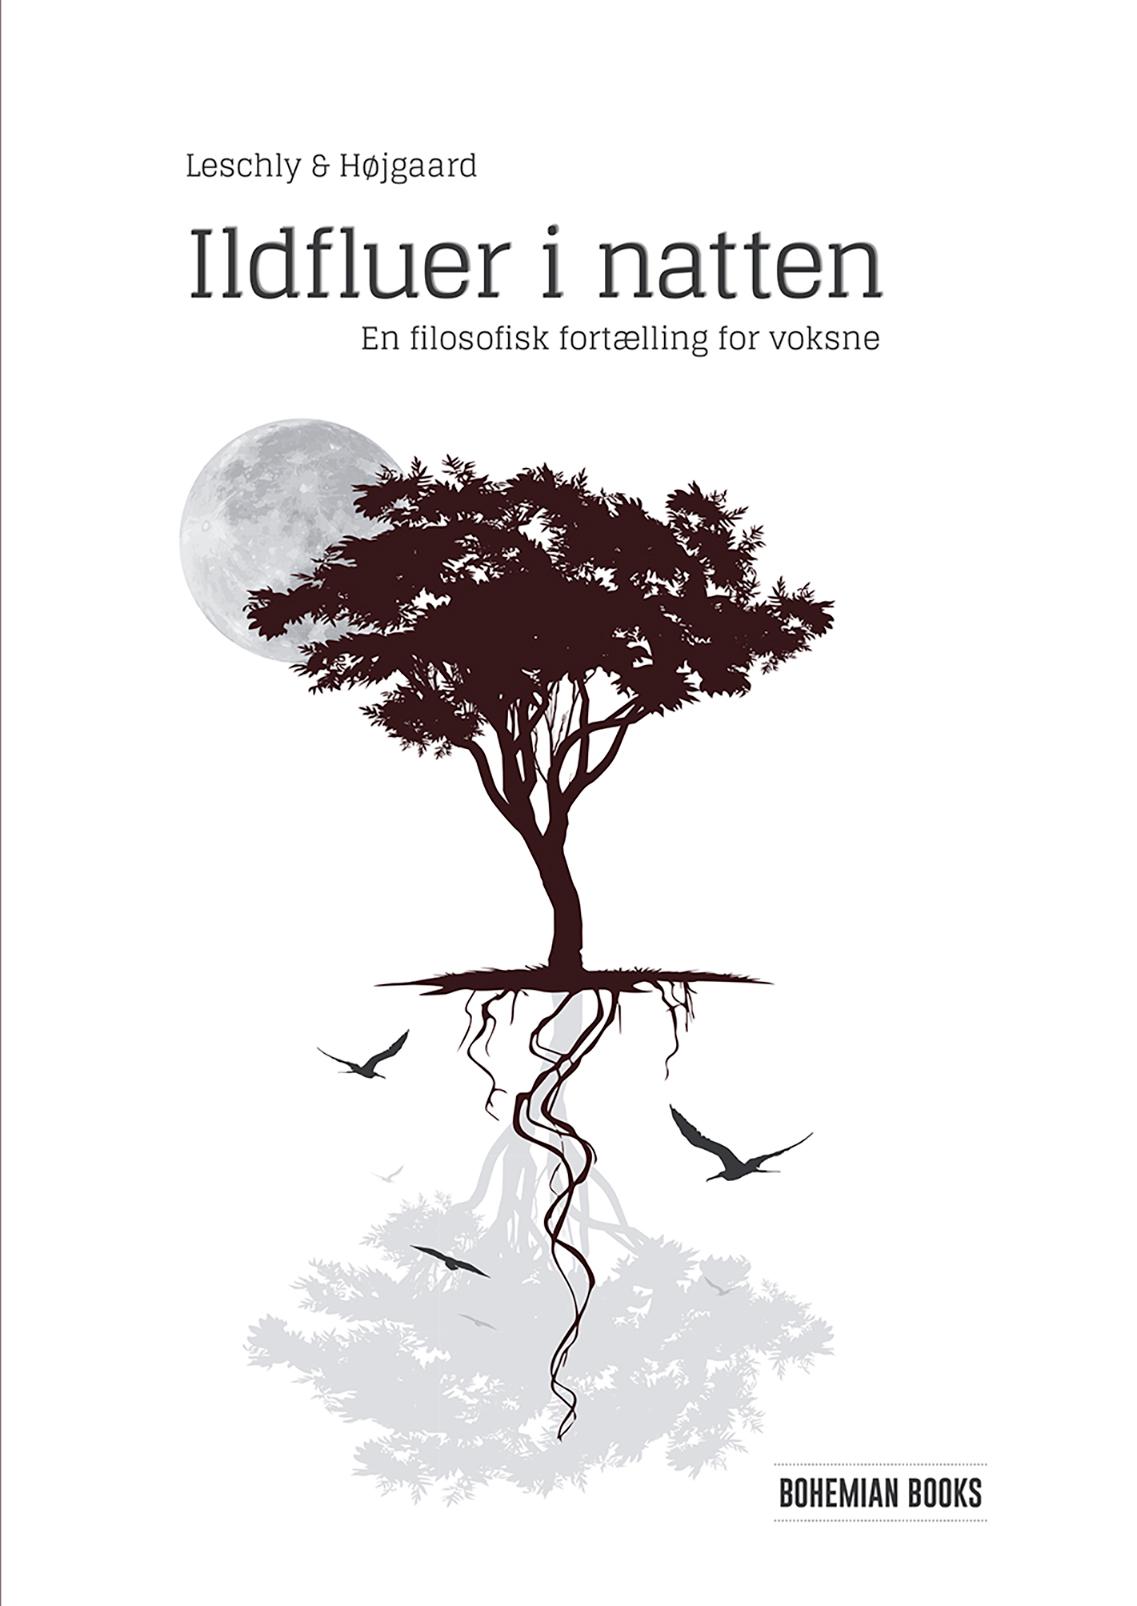 Ildfluer i natten - e-bog fra N/A på bog & mystik